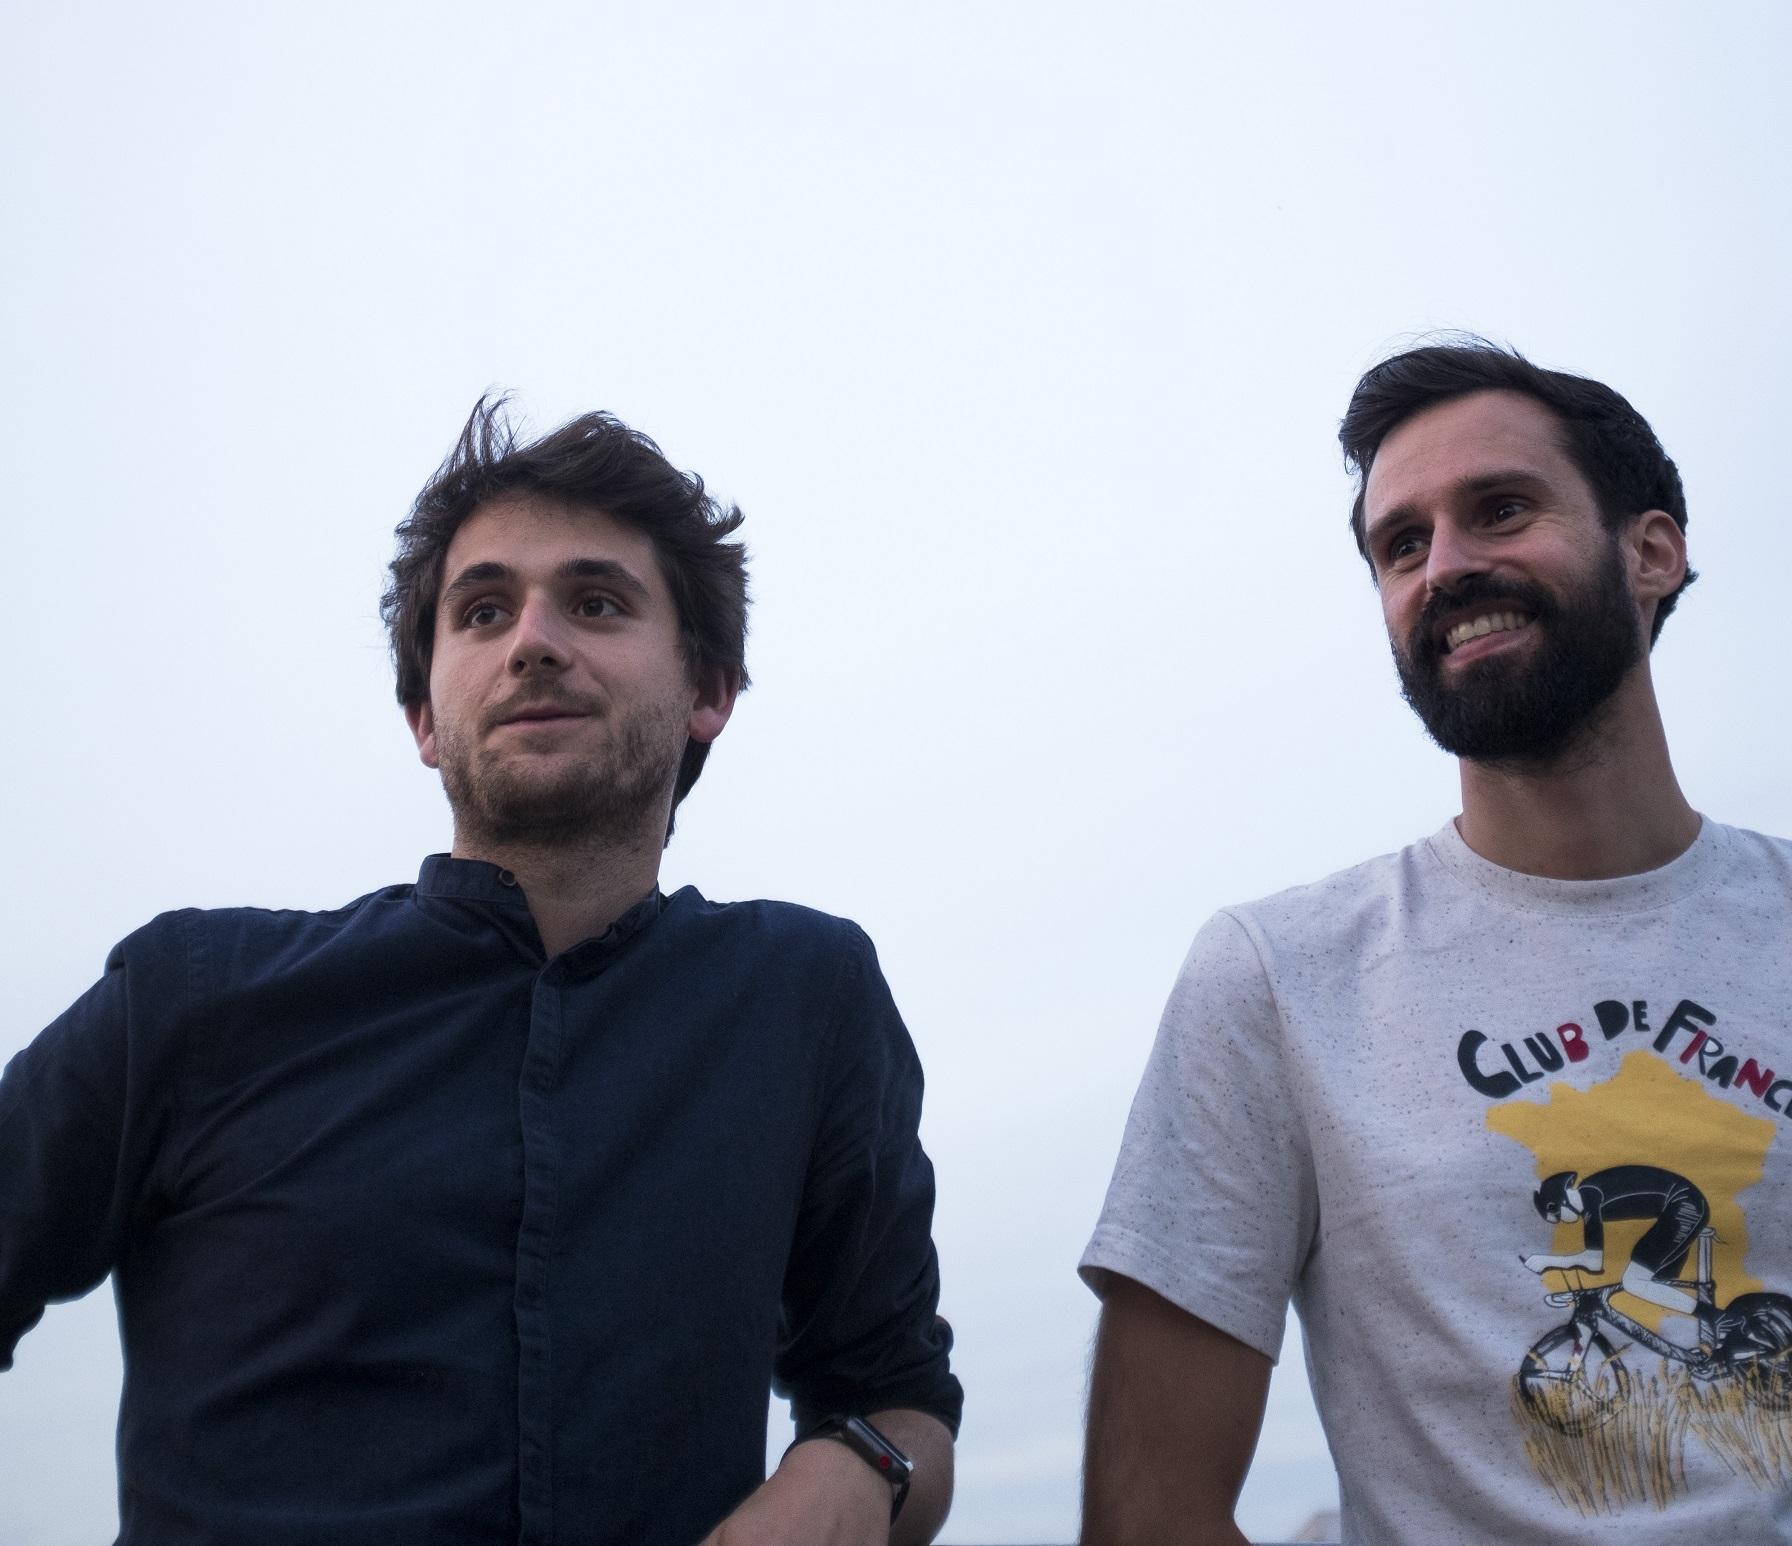 Antoine et Florian ont fait le tour du monde. De quoi constater de près les opportunités et les limites du tourisme. Photo : Laura Laura Wojcik - Pour l'Éco